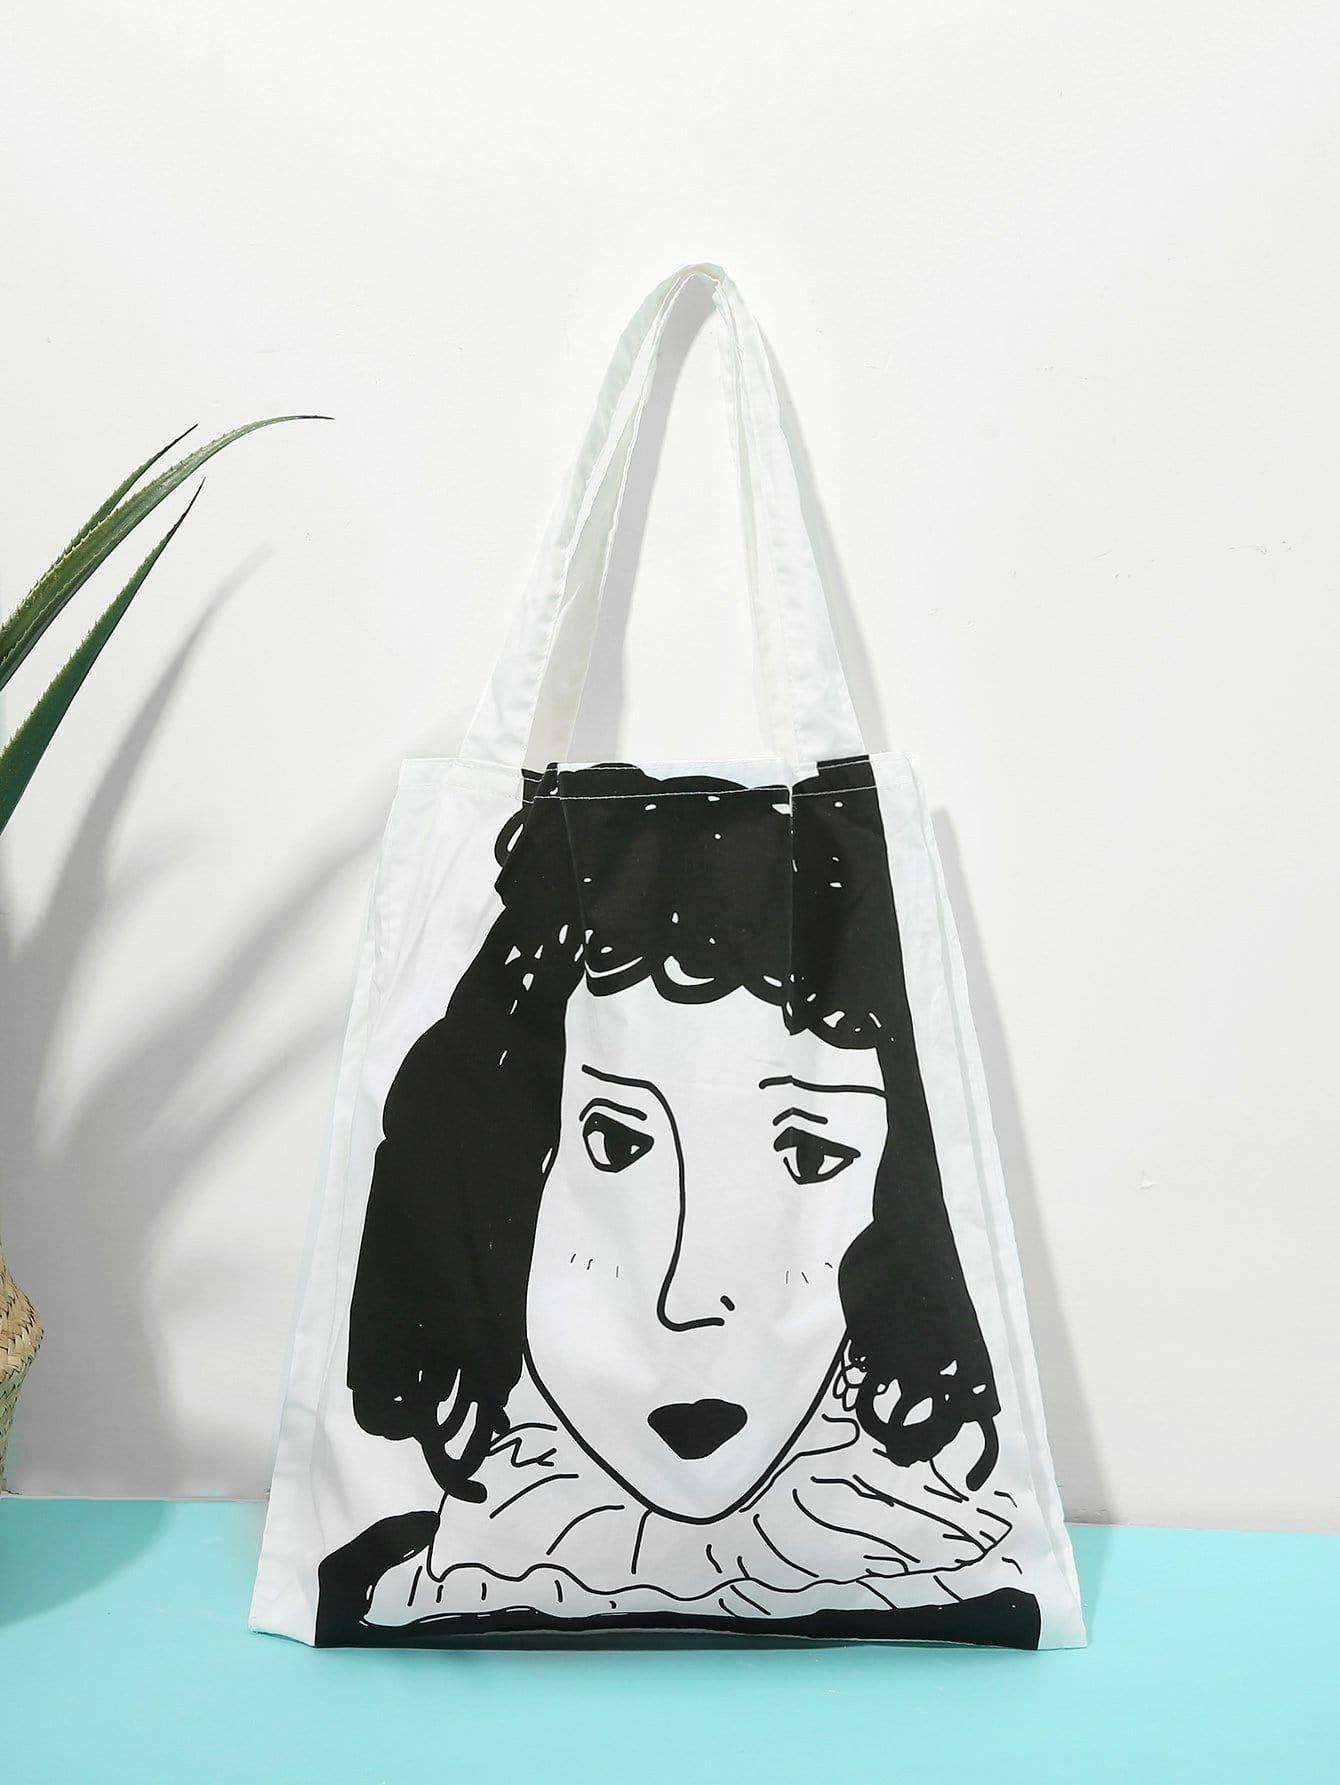 Girl Print Tote Bag heel print tote bag